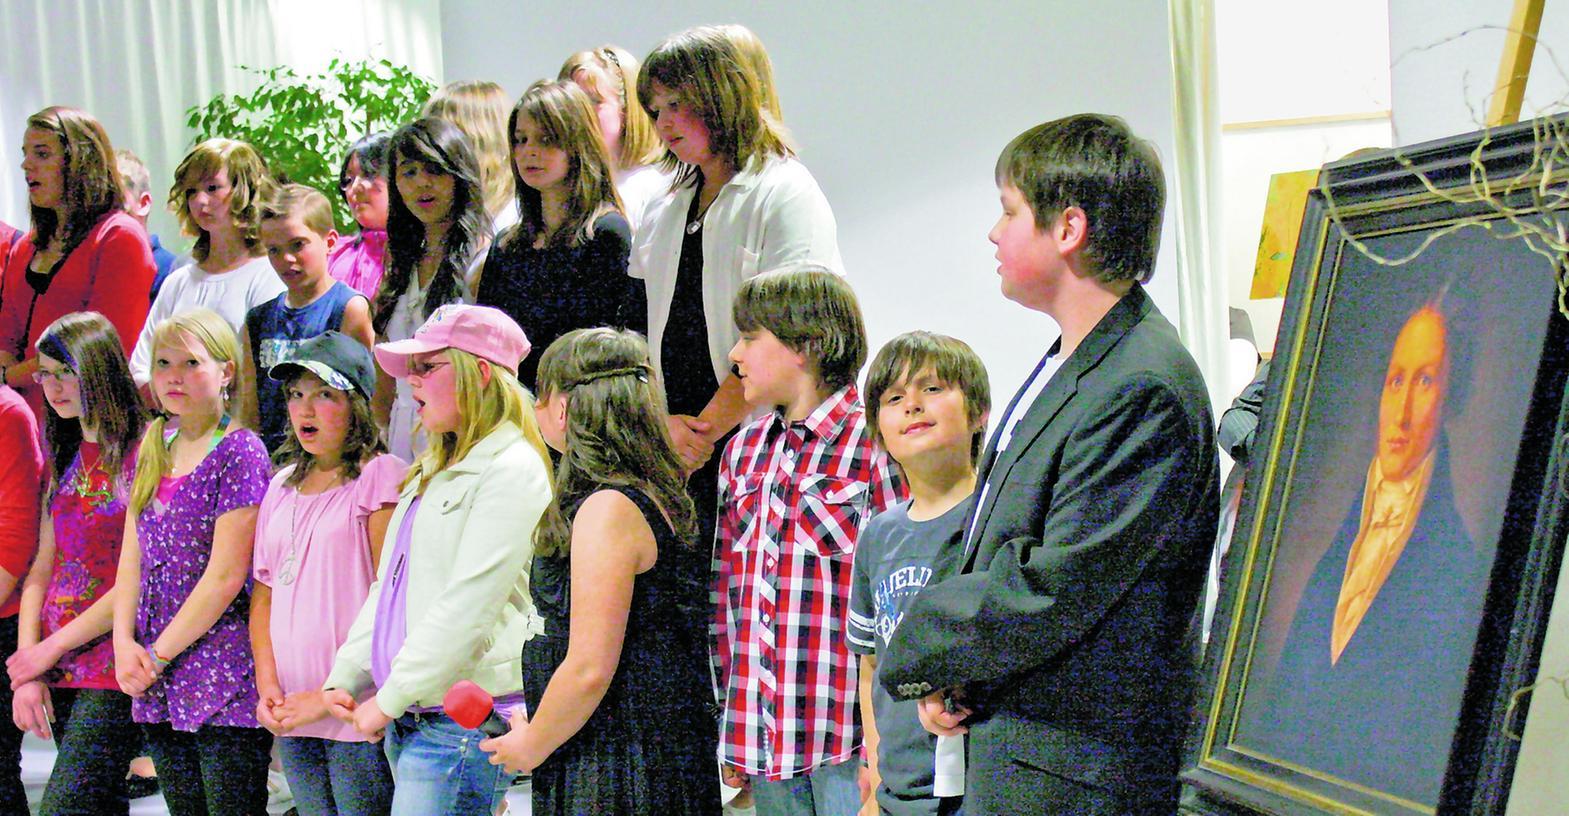 Alles Spix: Der Chor der Spix-Schule würzte den Spix-Abend mit Ausschnitten aus dem neuen Spix-Musical.